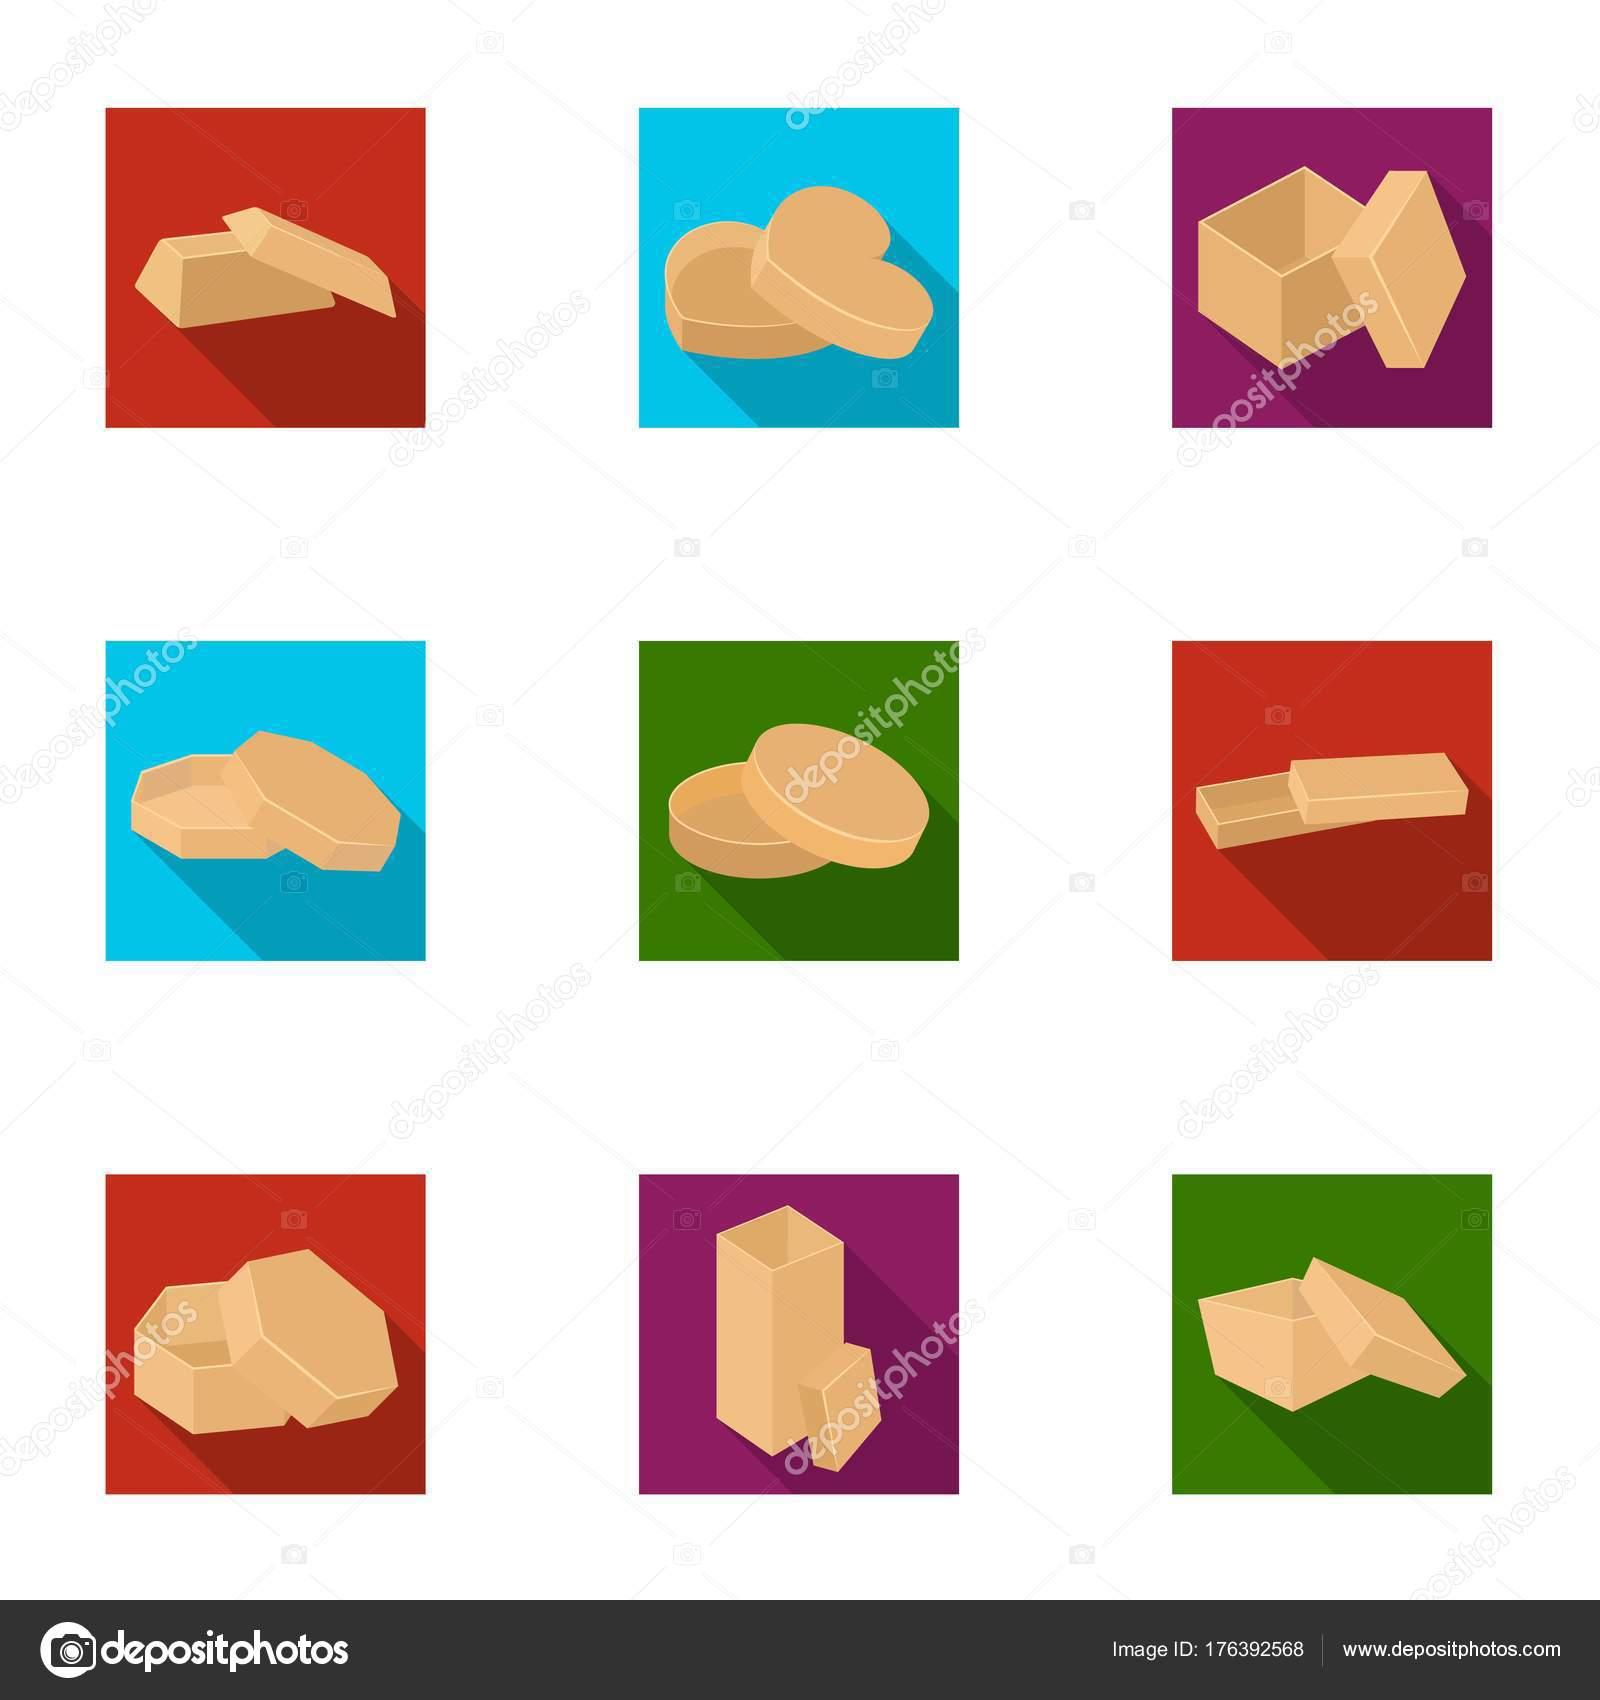 Box, Paket, Verpackung und andere Web-Symbol im flachen Stil. Schale ...